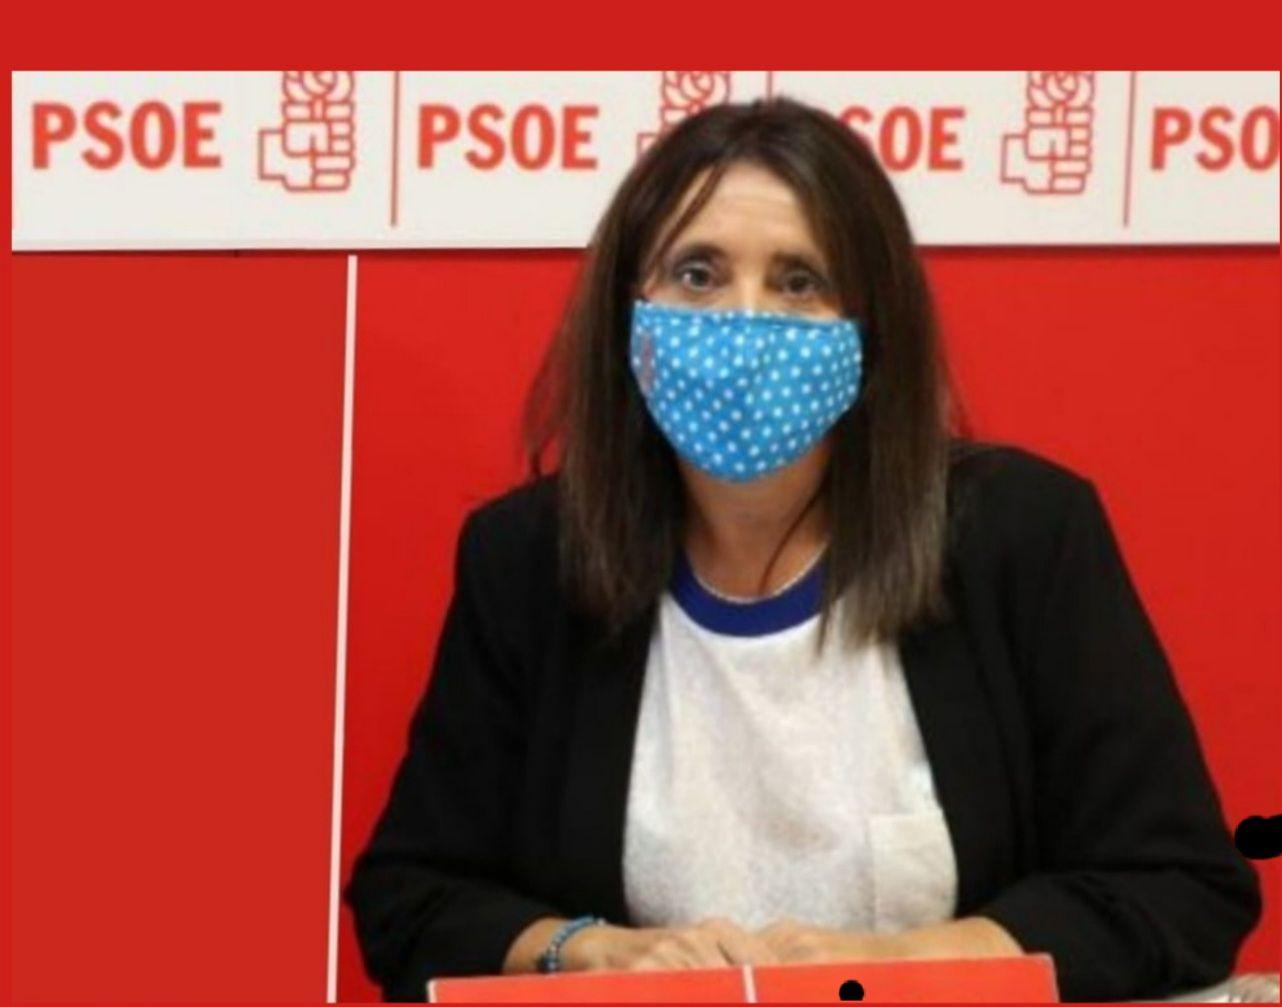 El PSOE destaca los 2.000 millones de euros que el Gobierno va a destinar a becas para el próximo curso